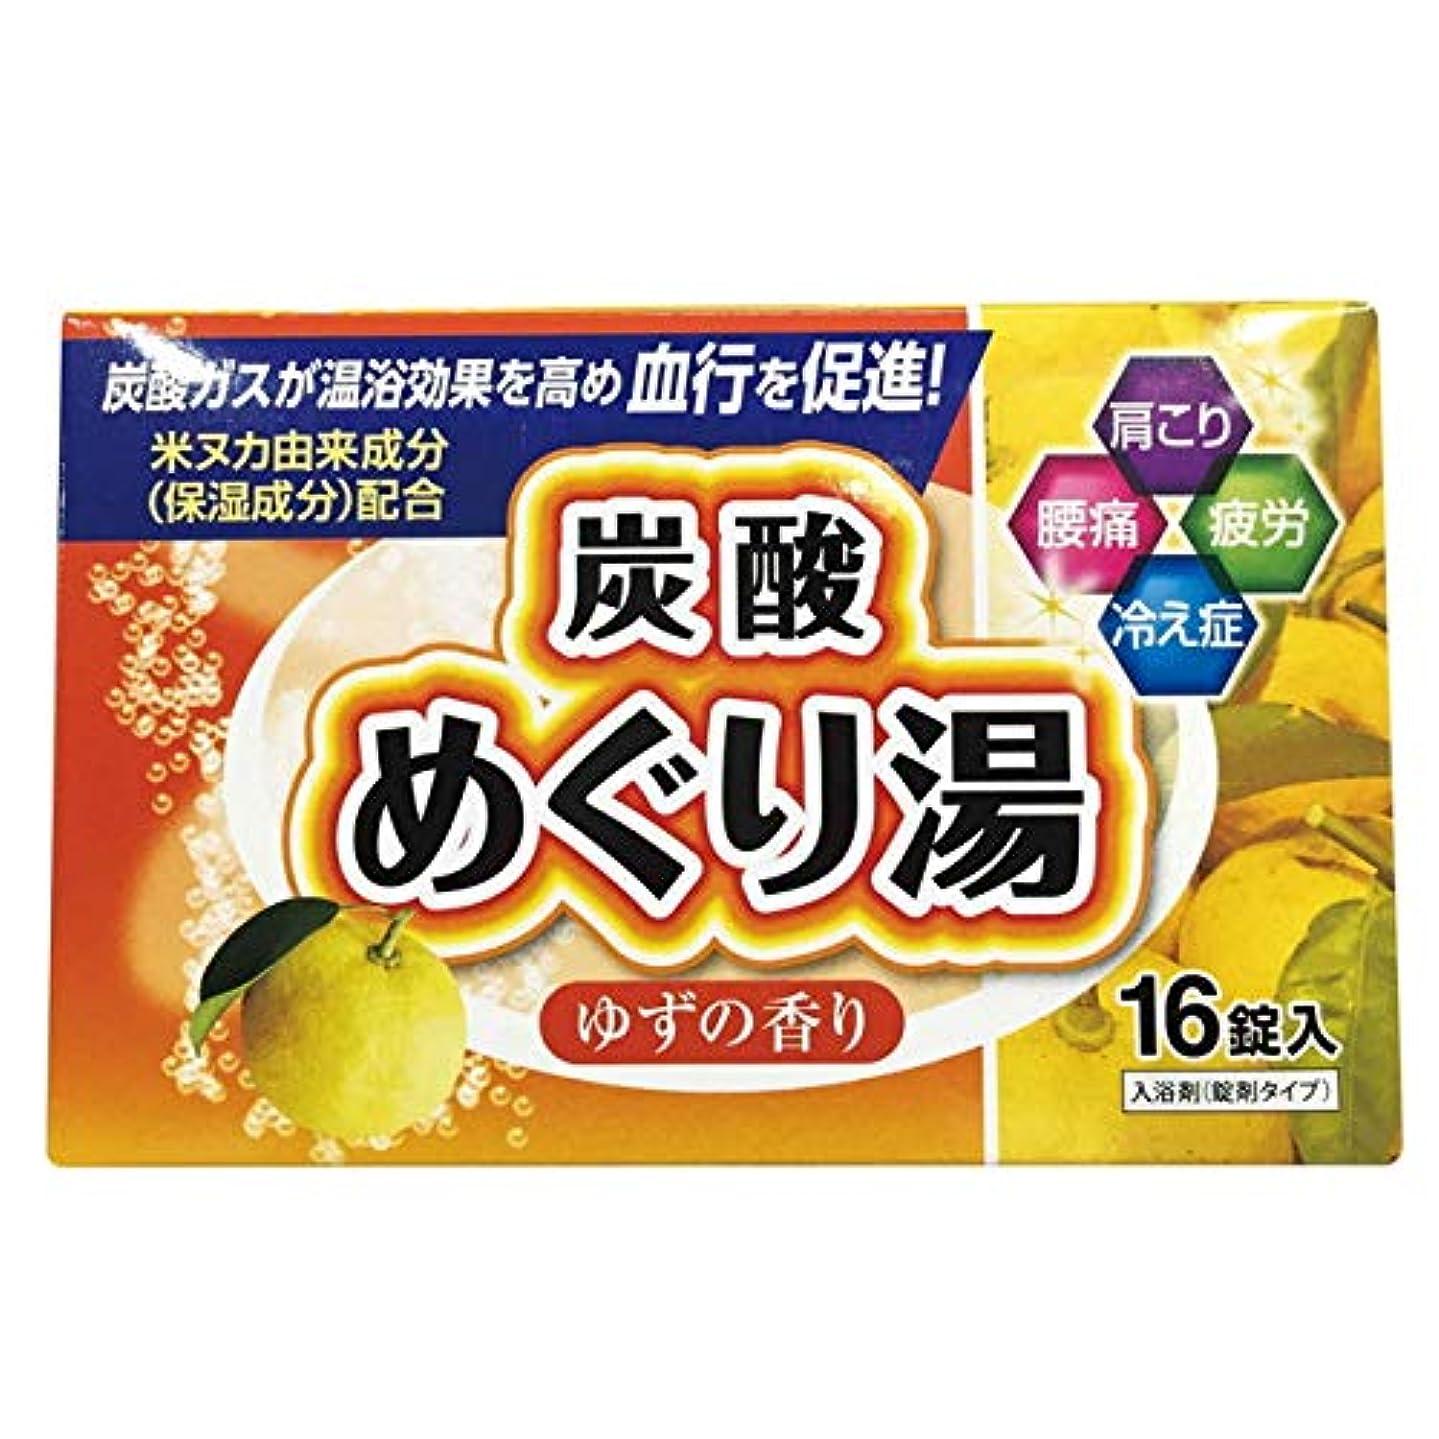 驚かす幅等炭酸めぐり湯 ゆずの香り 16錠